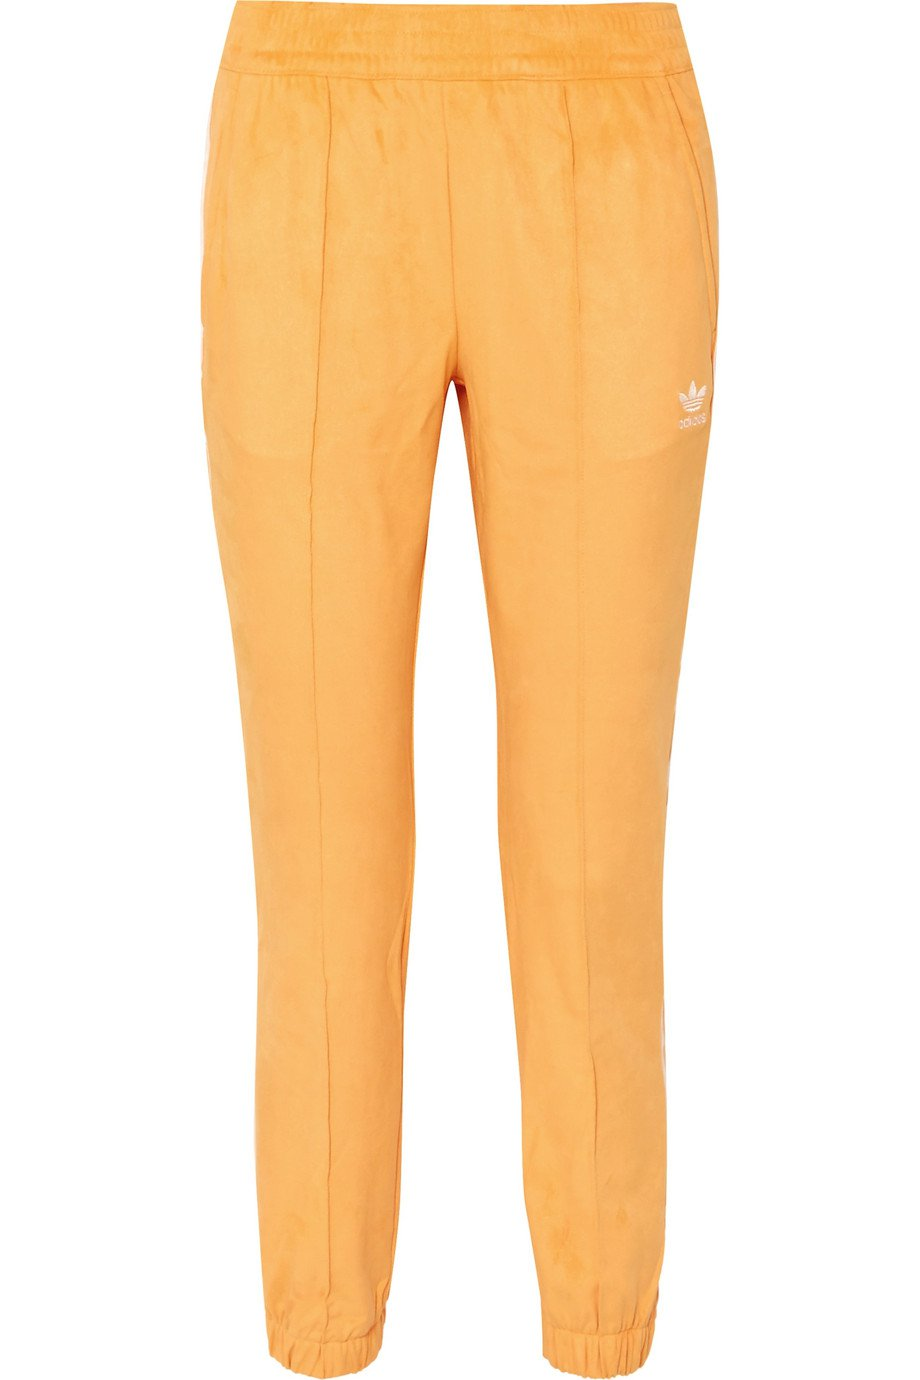 adidas Originals | Striped faux suede track pants | NET-A-PORTER.COM